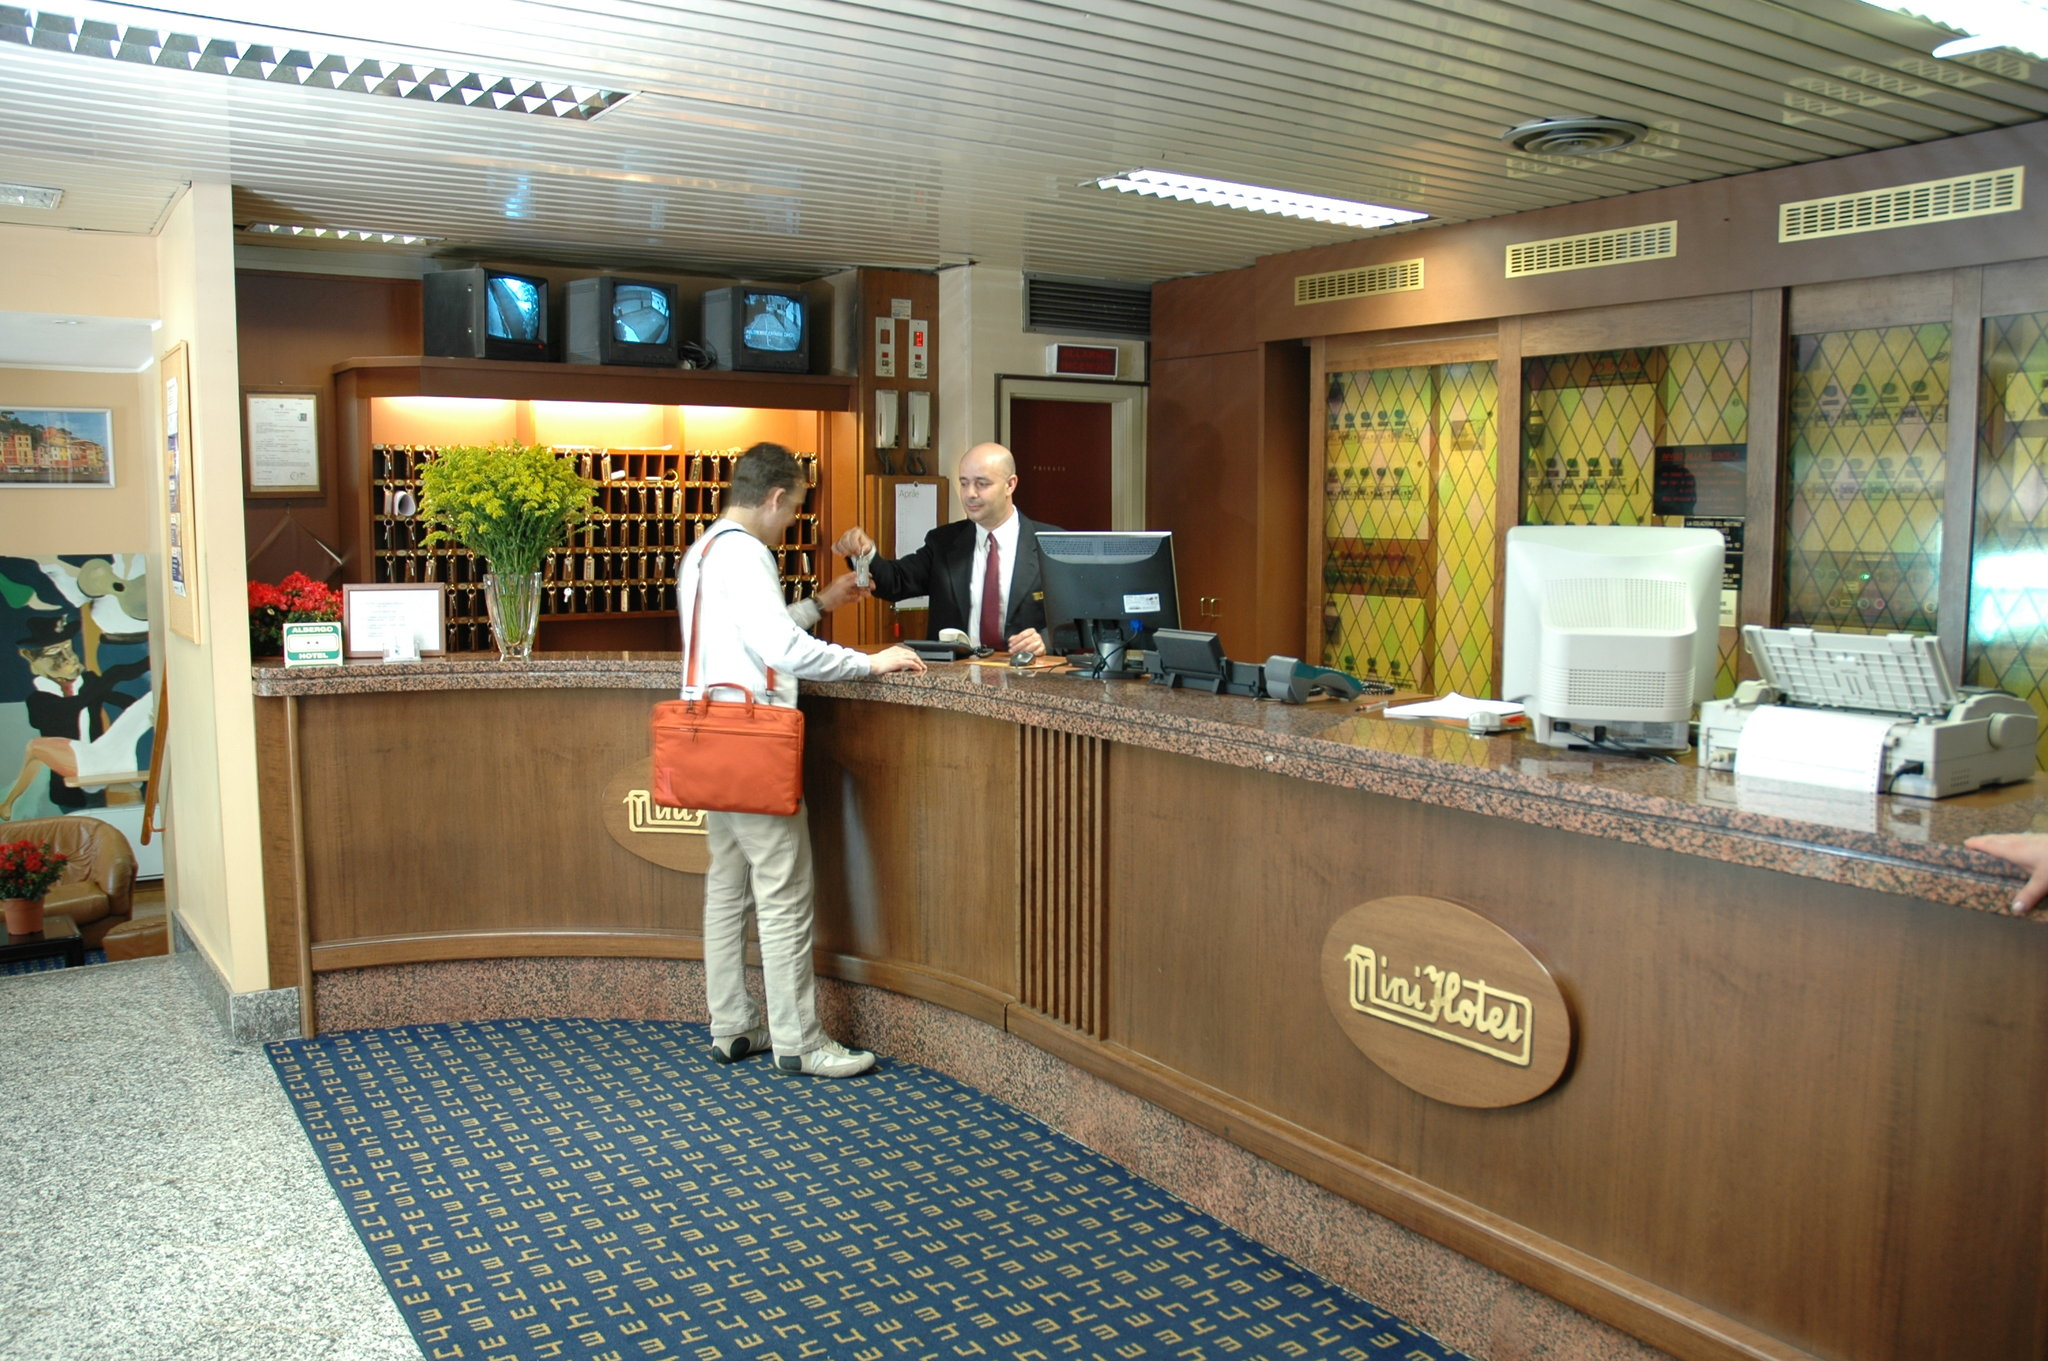 Hotel Ornato Gruppo Mini Hotel Ofertas Fin De Semana En Milan Ofertas De Escapadas Baratas